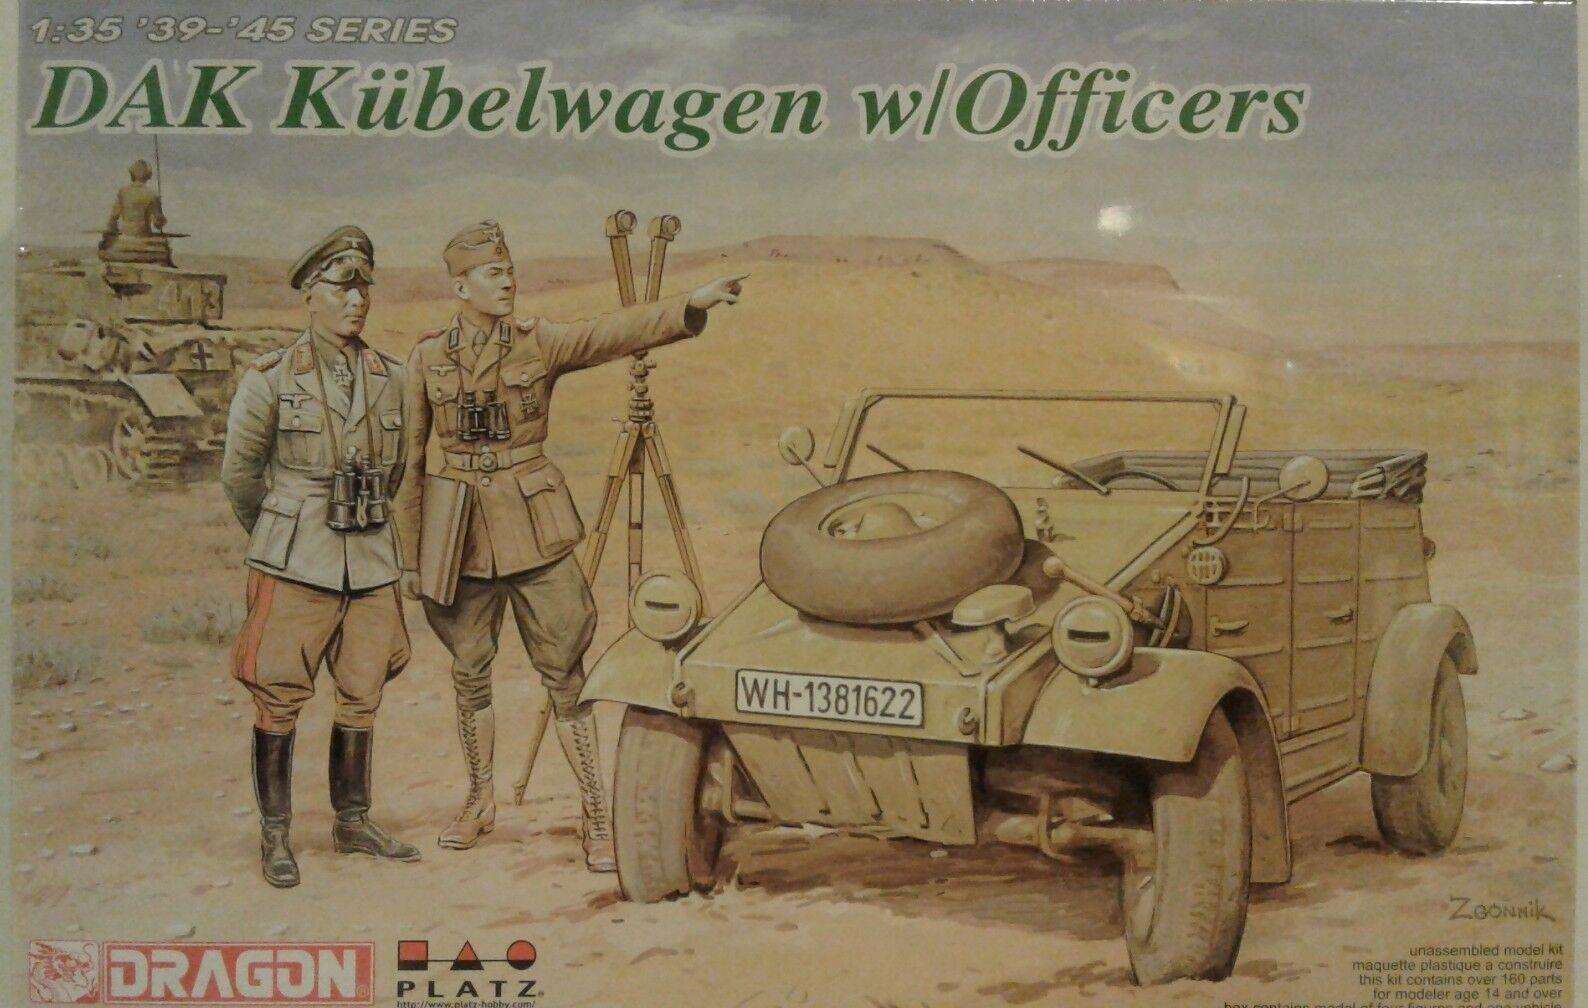 Dragon Models 1 35 scale kit 6364, DAK Kubelwagen w Officers